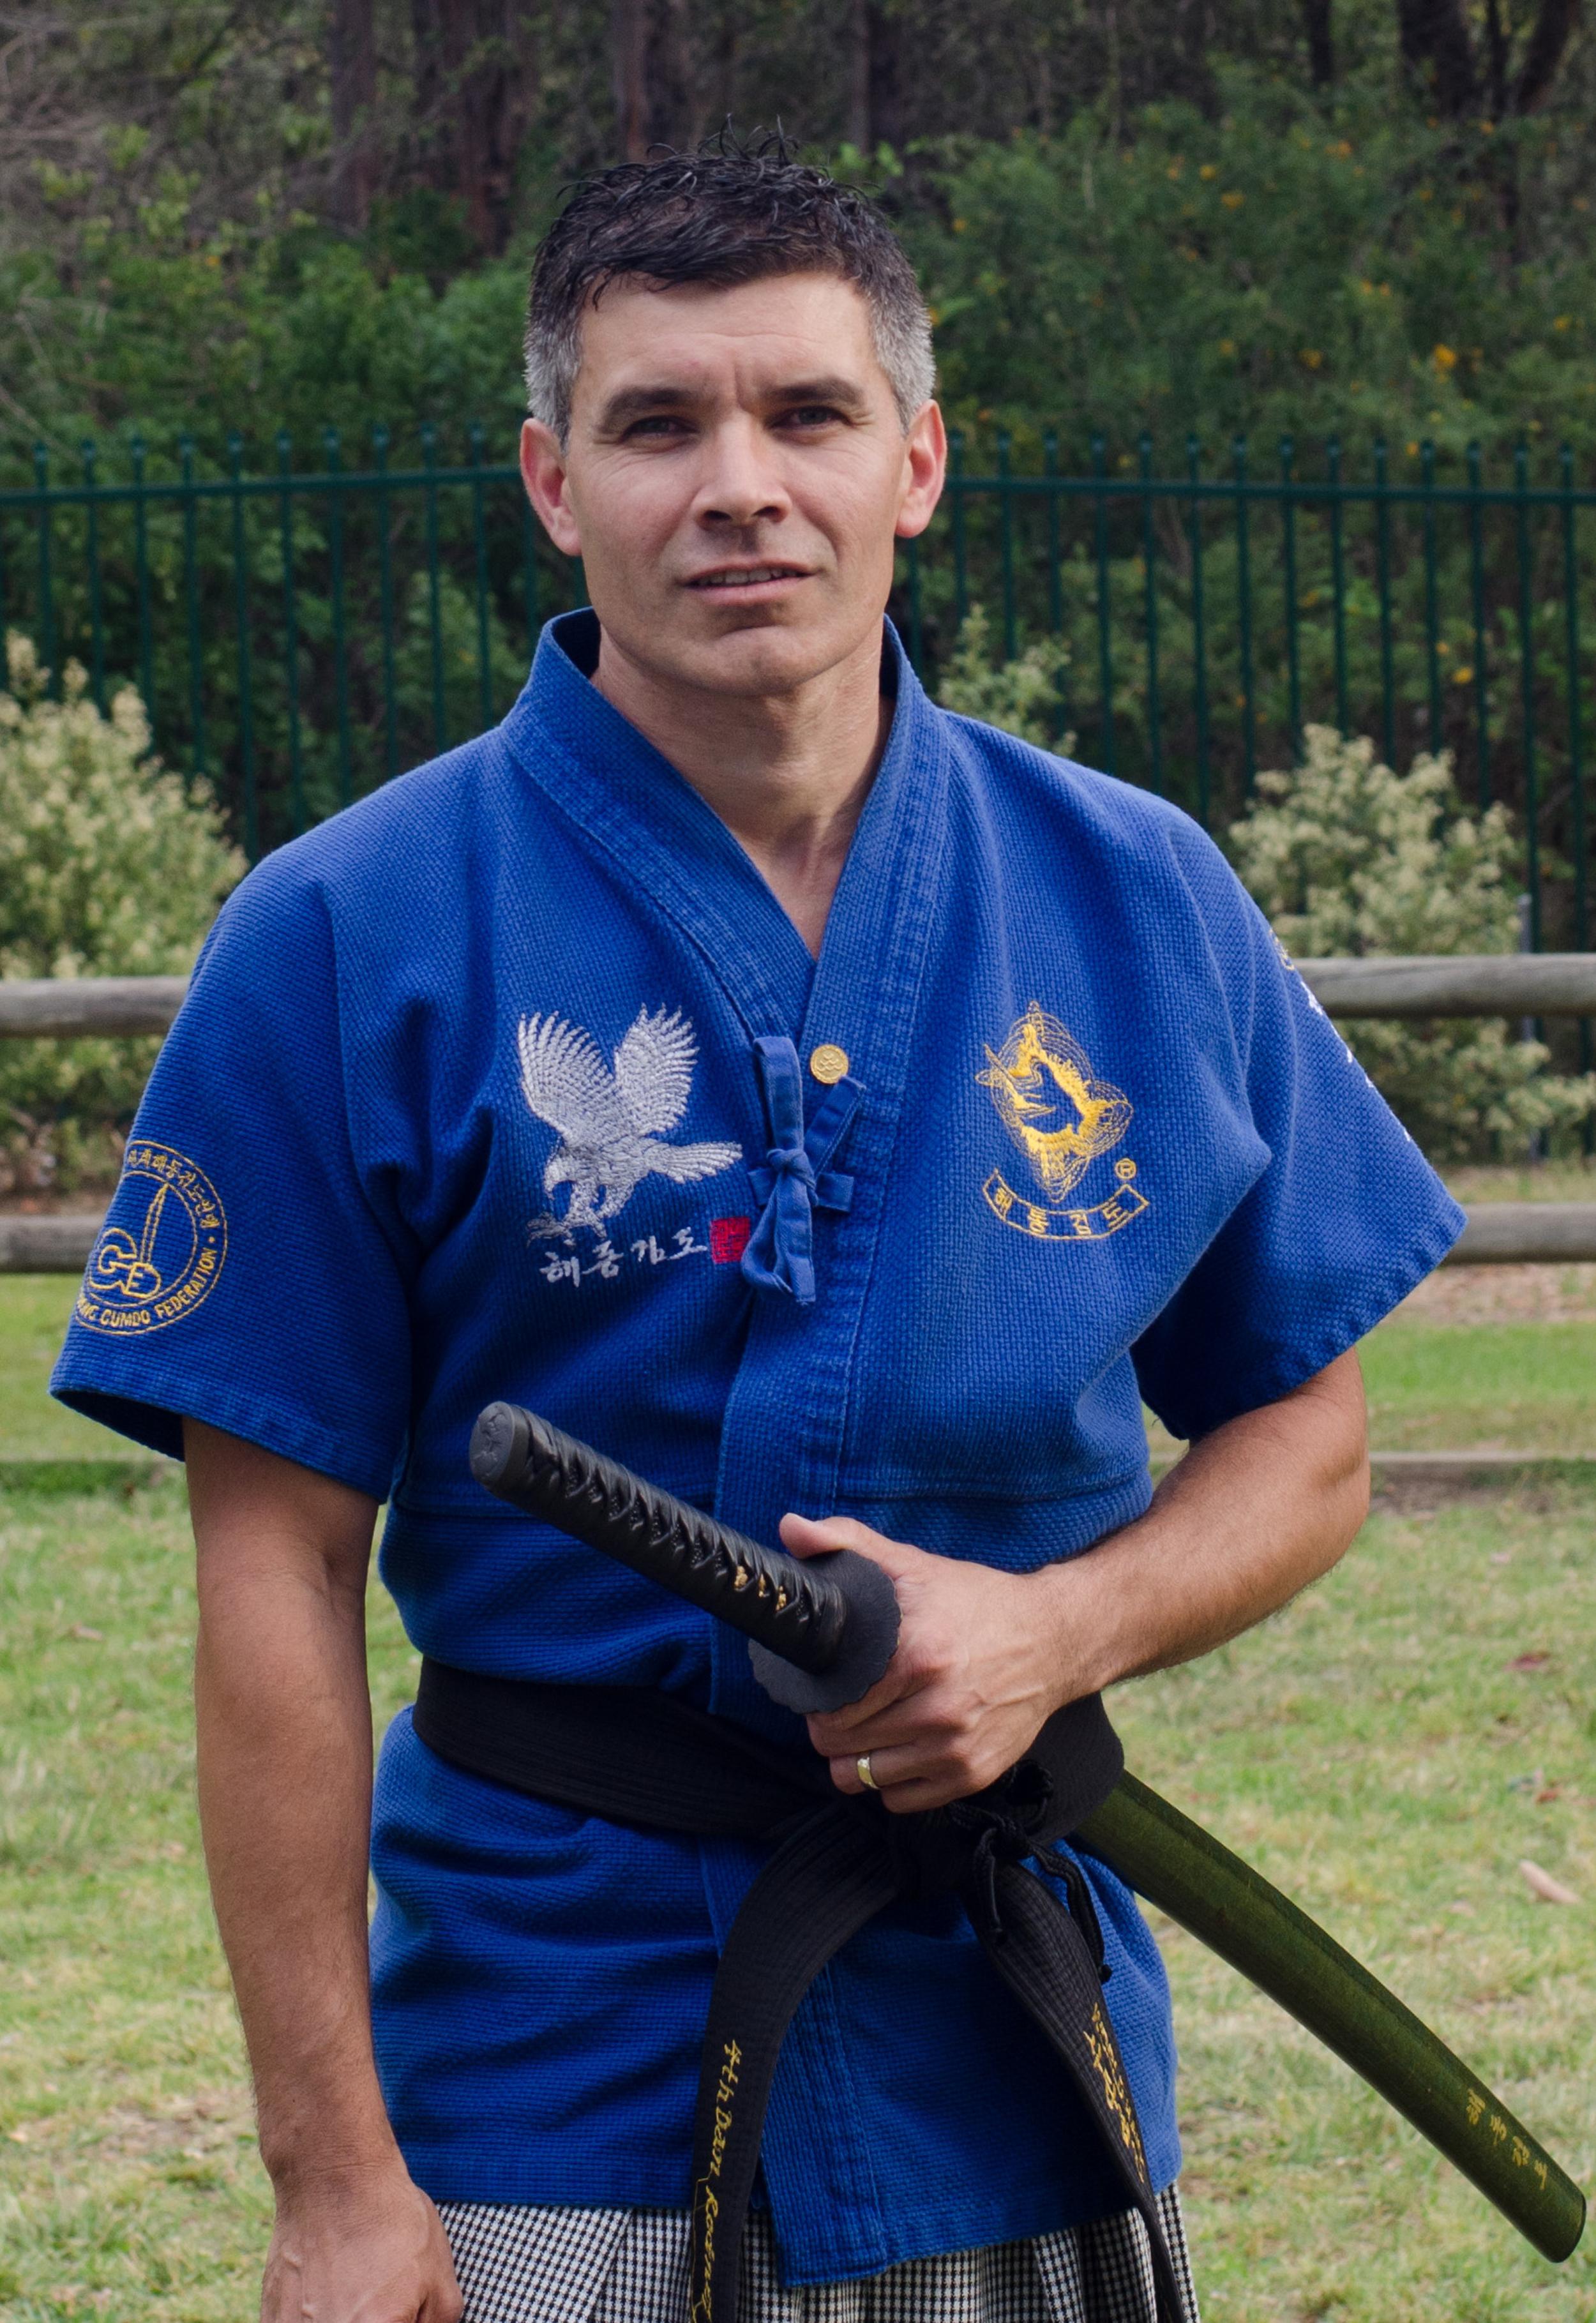 rodney robins, senior instructor